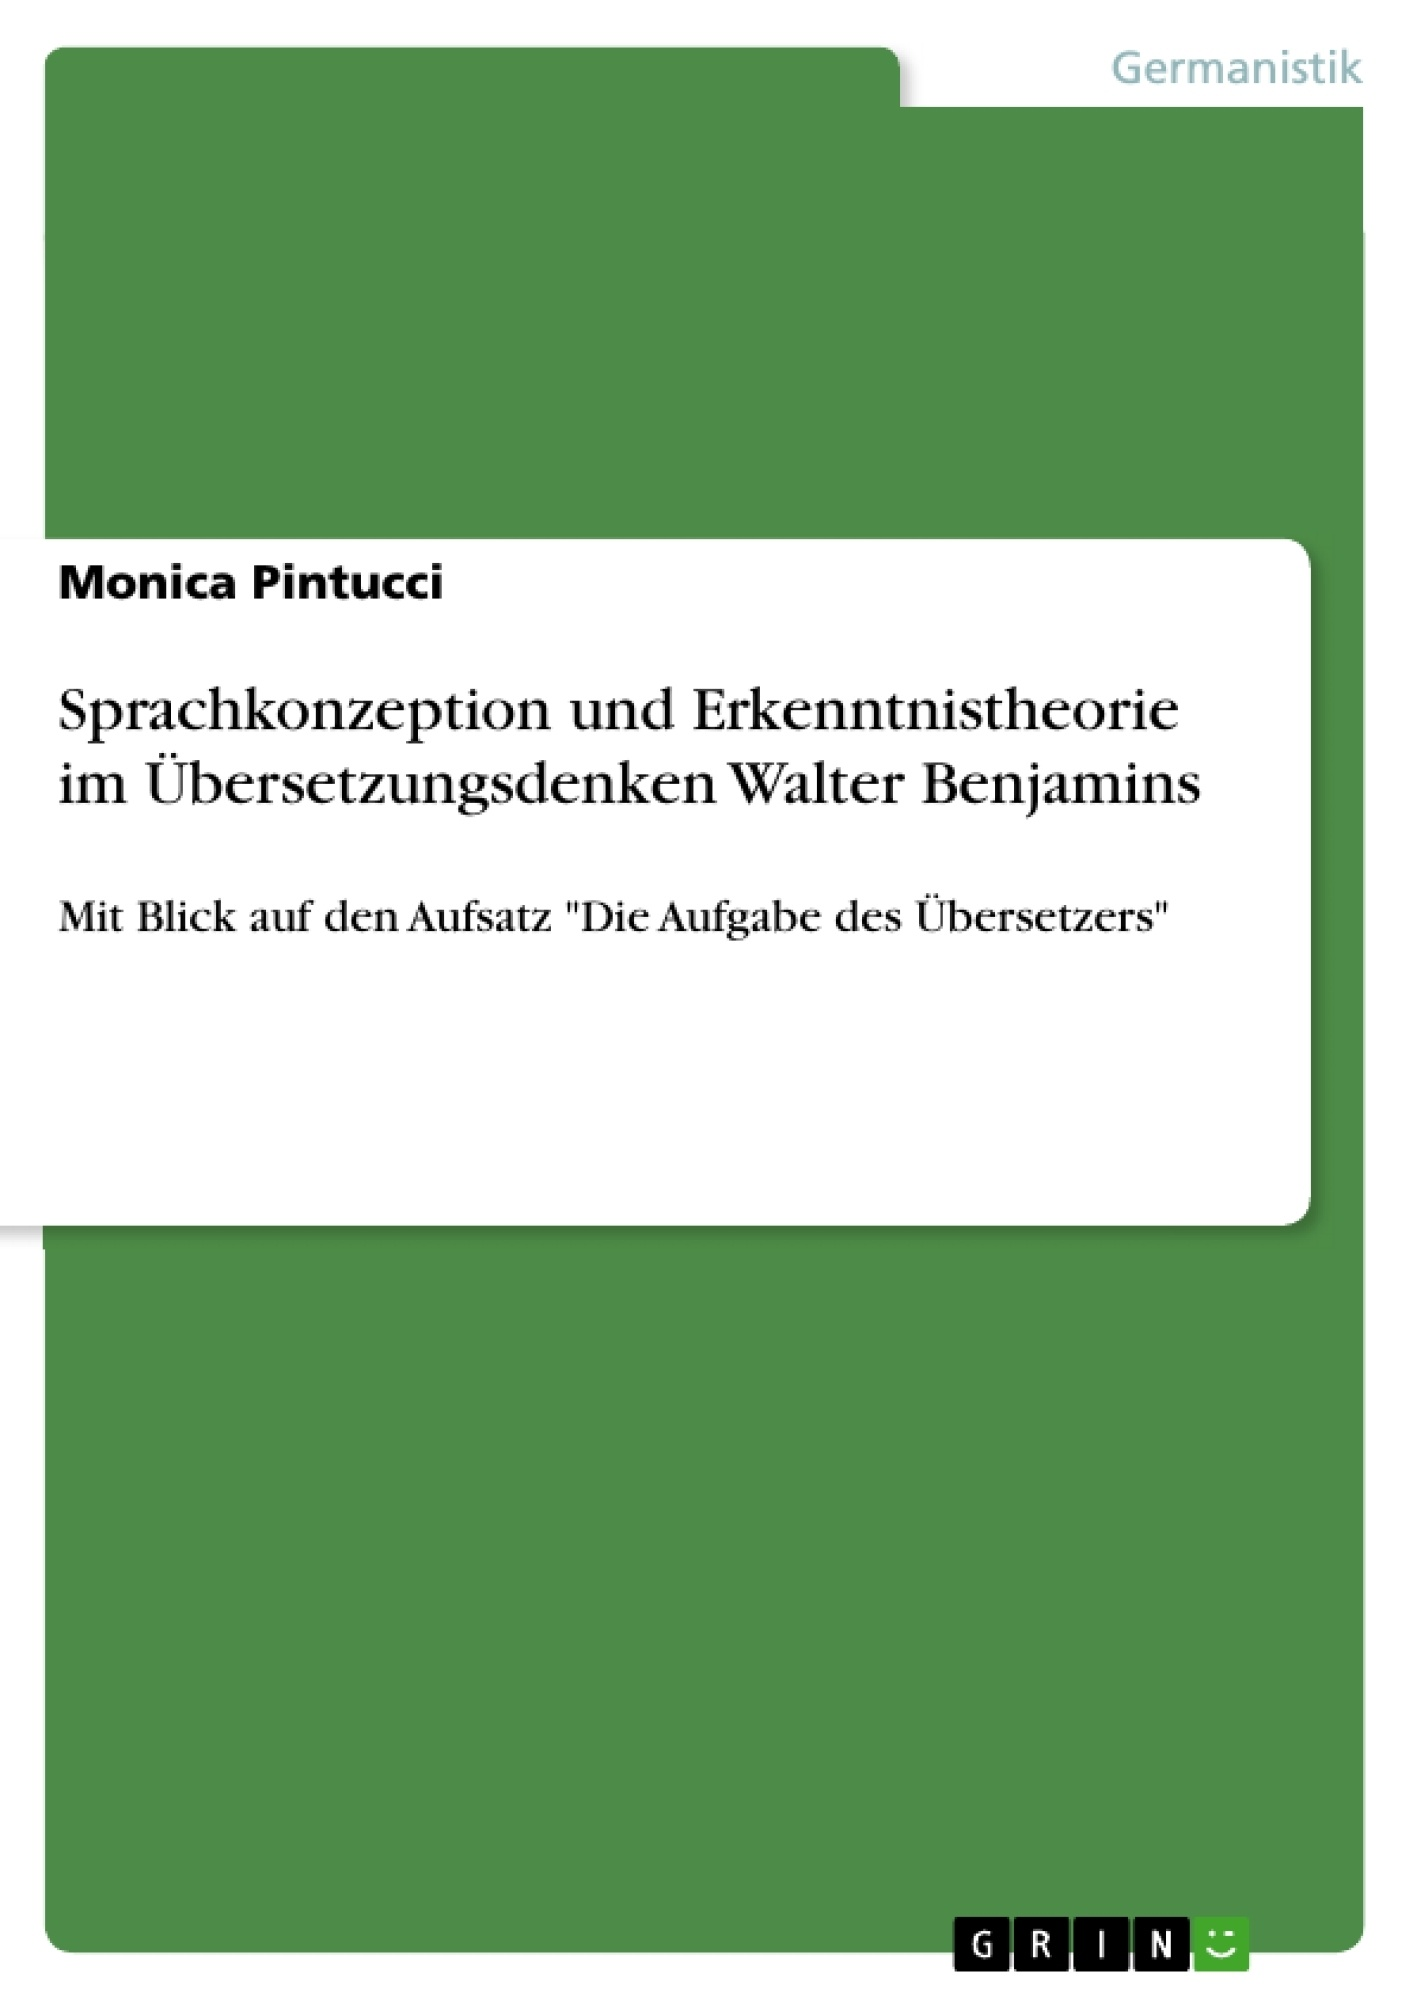 Titel: Sprachkonzeption und Erkenntnistheorie im Übersetzungsdenken Walter Benjamins